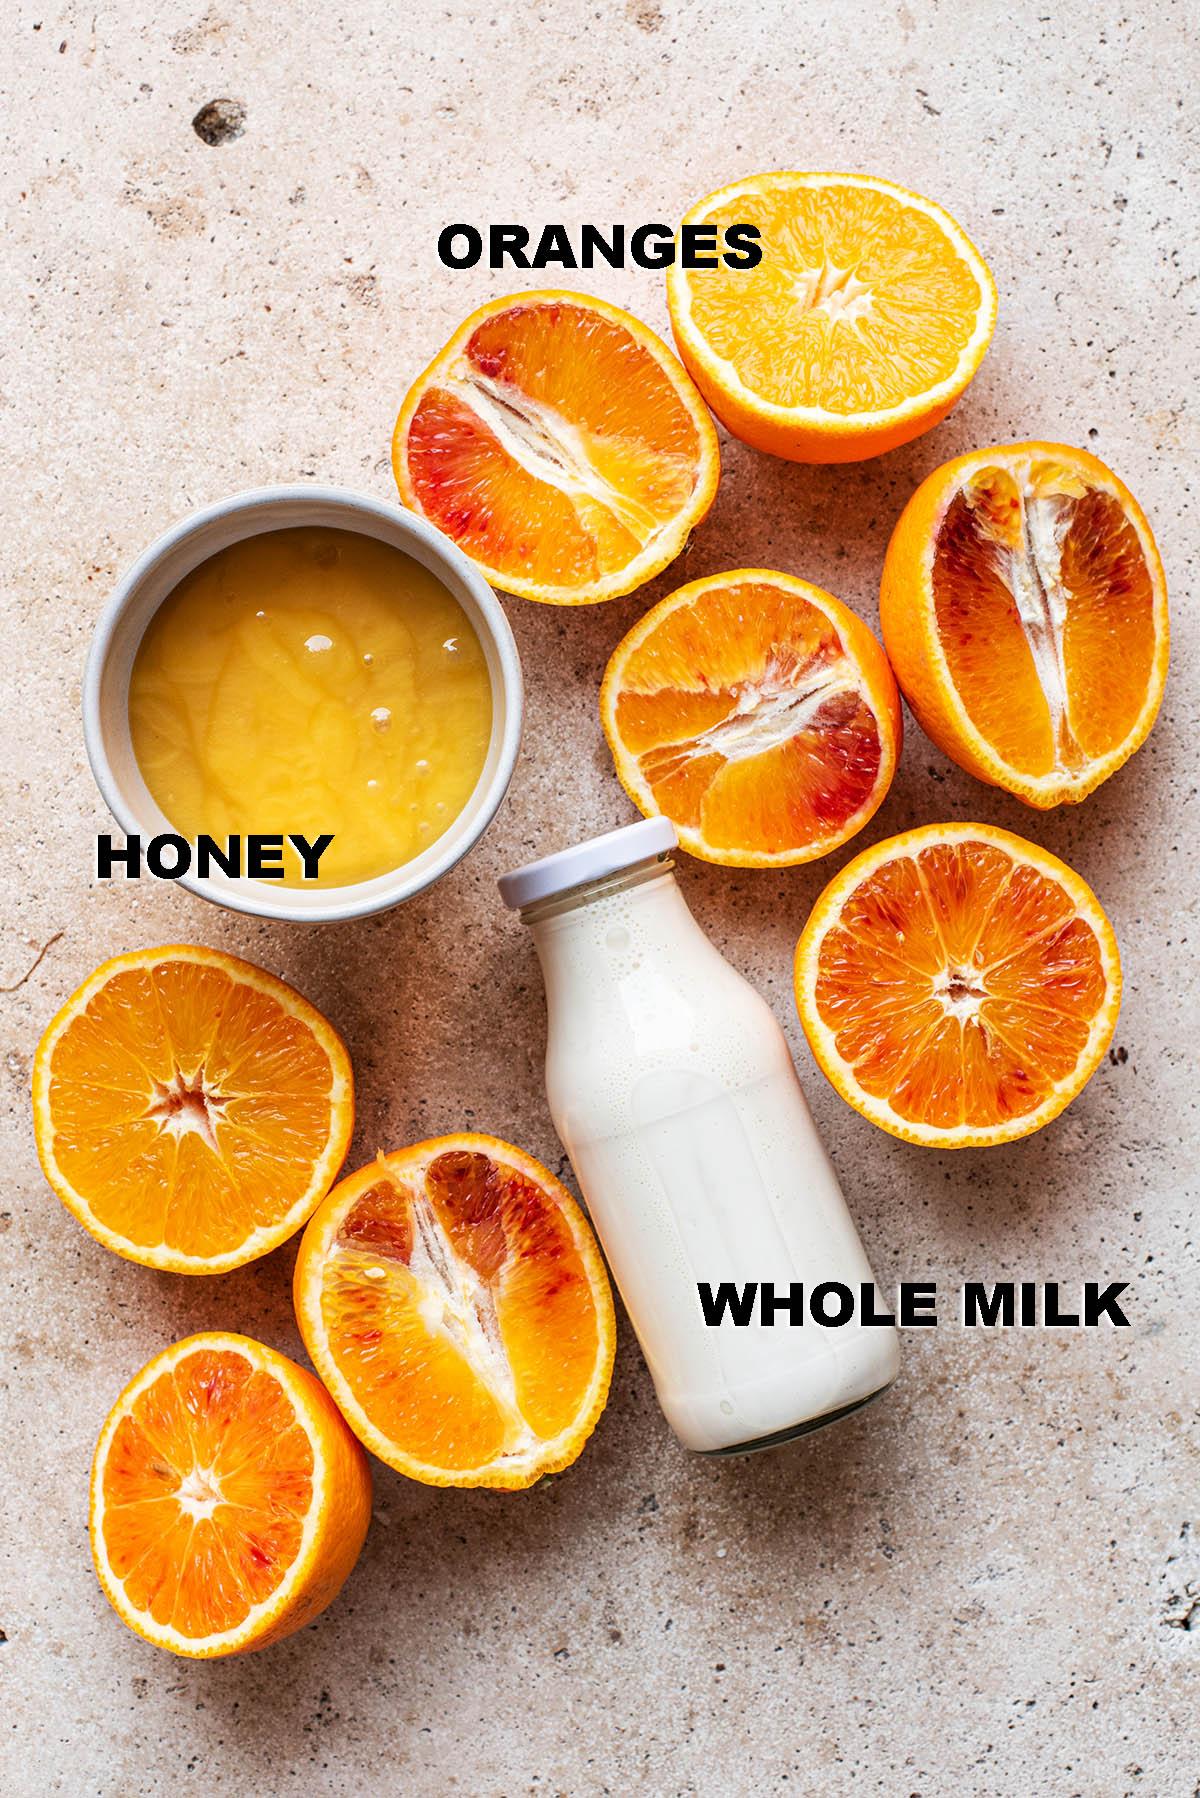 Orange sherbet ingredients.